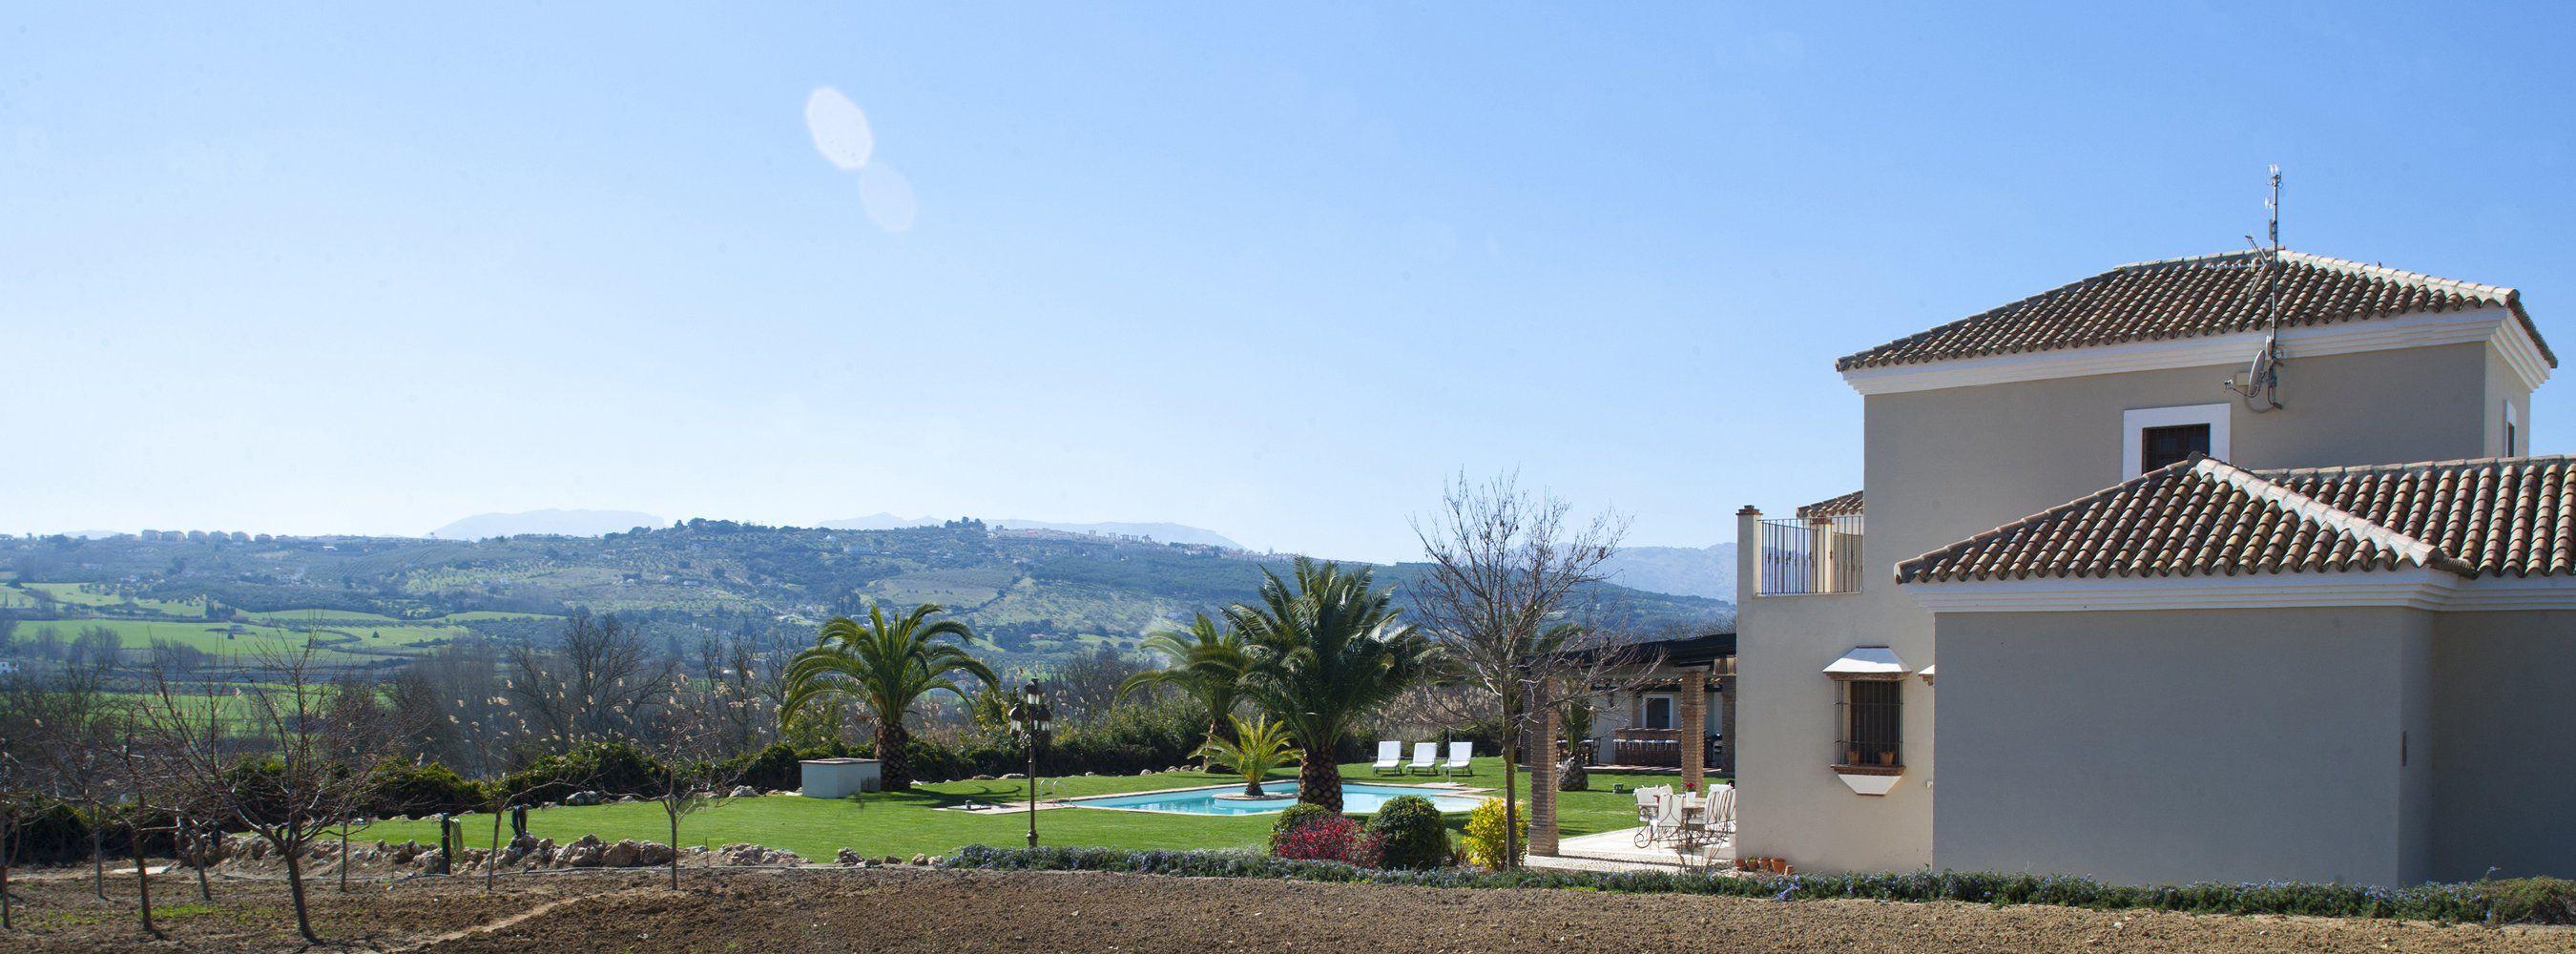 garden and view ronda